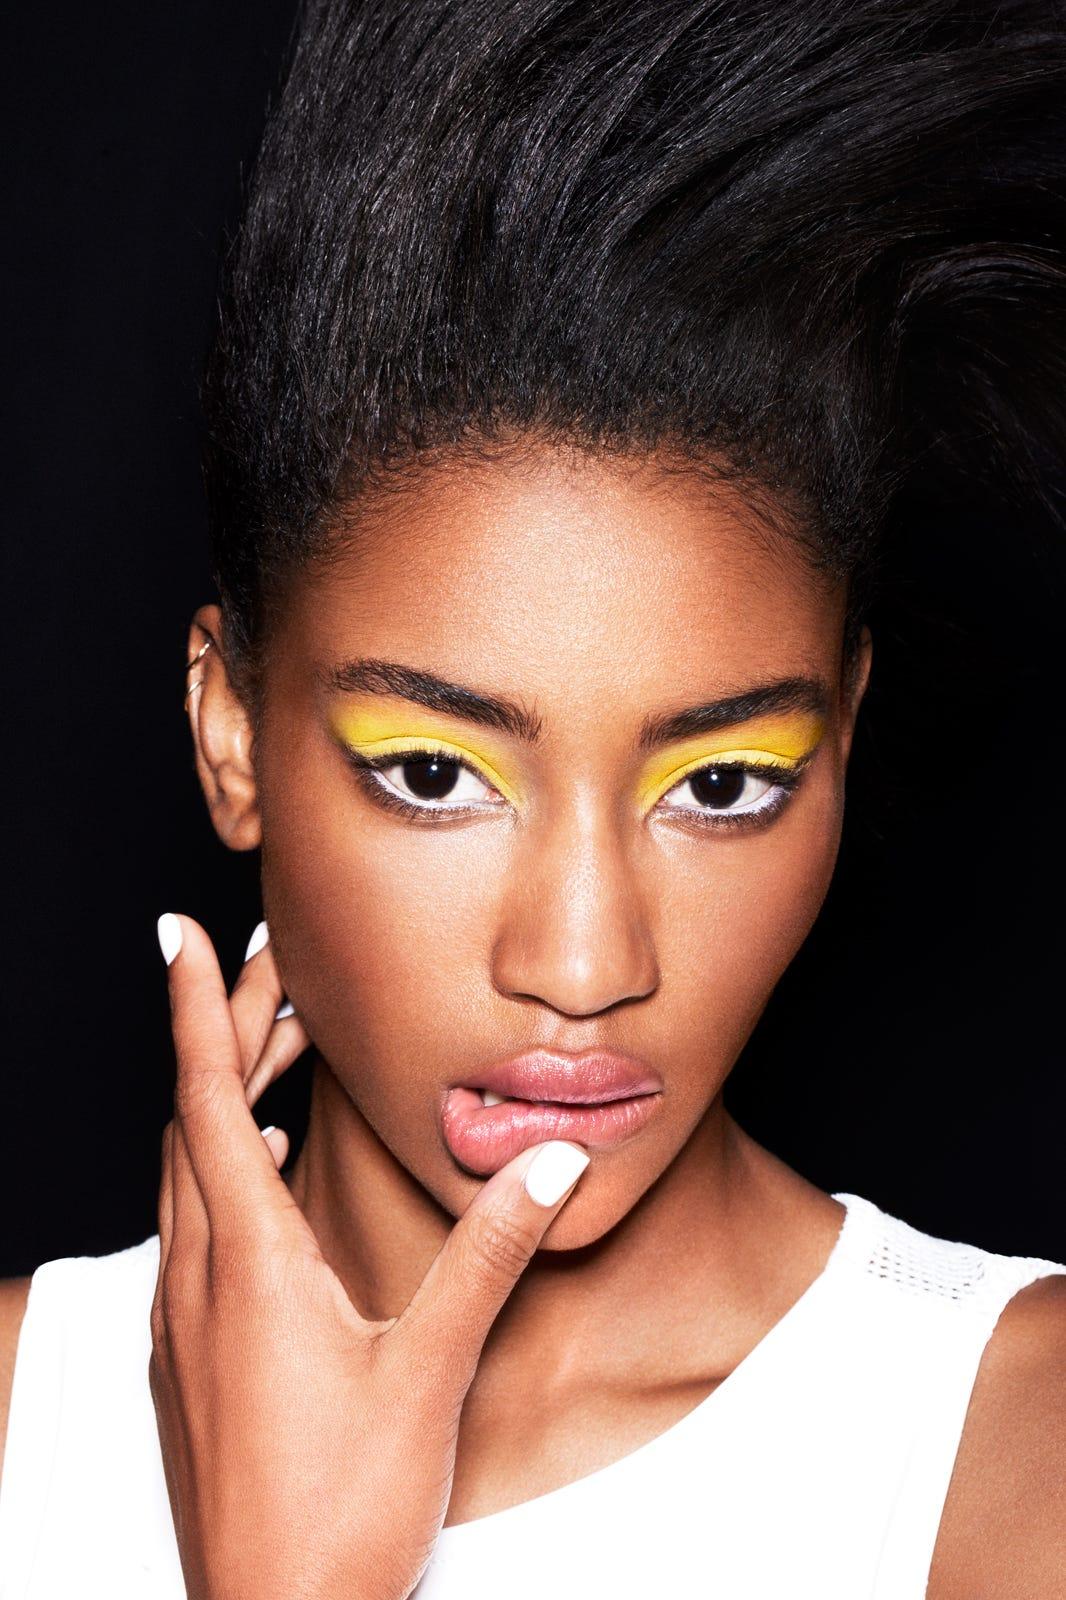 Neon Makeup Pastel Cosmetics Eyeliner Lipstick